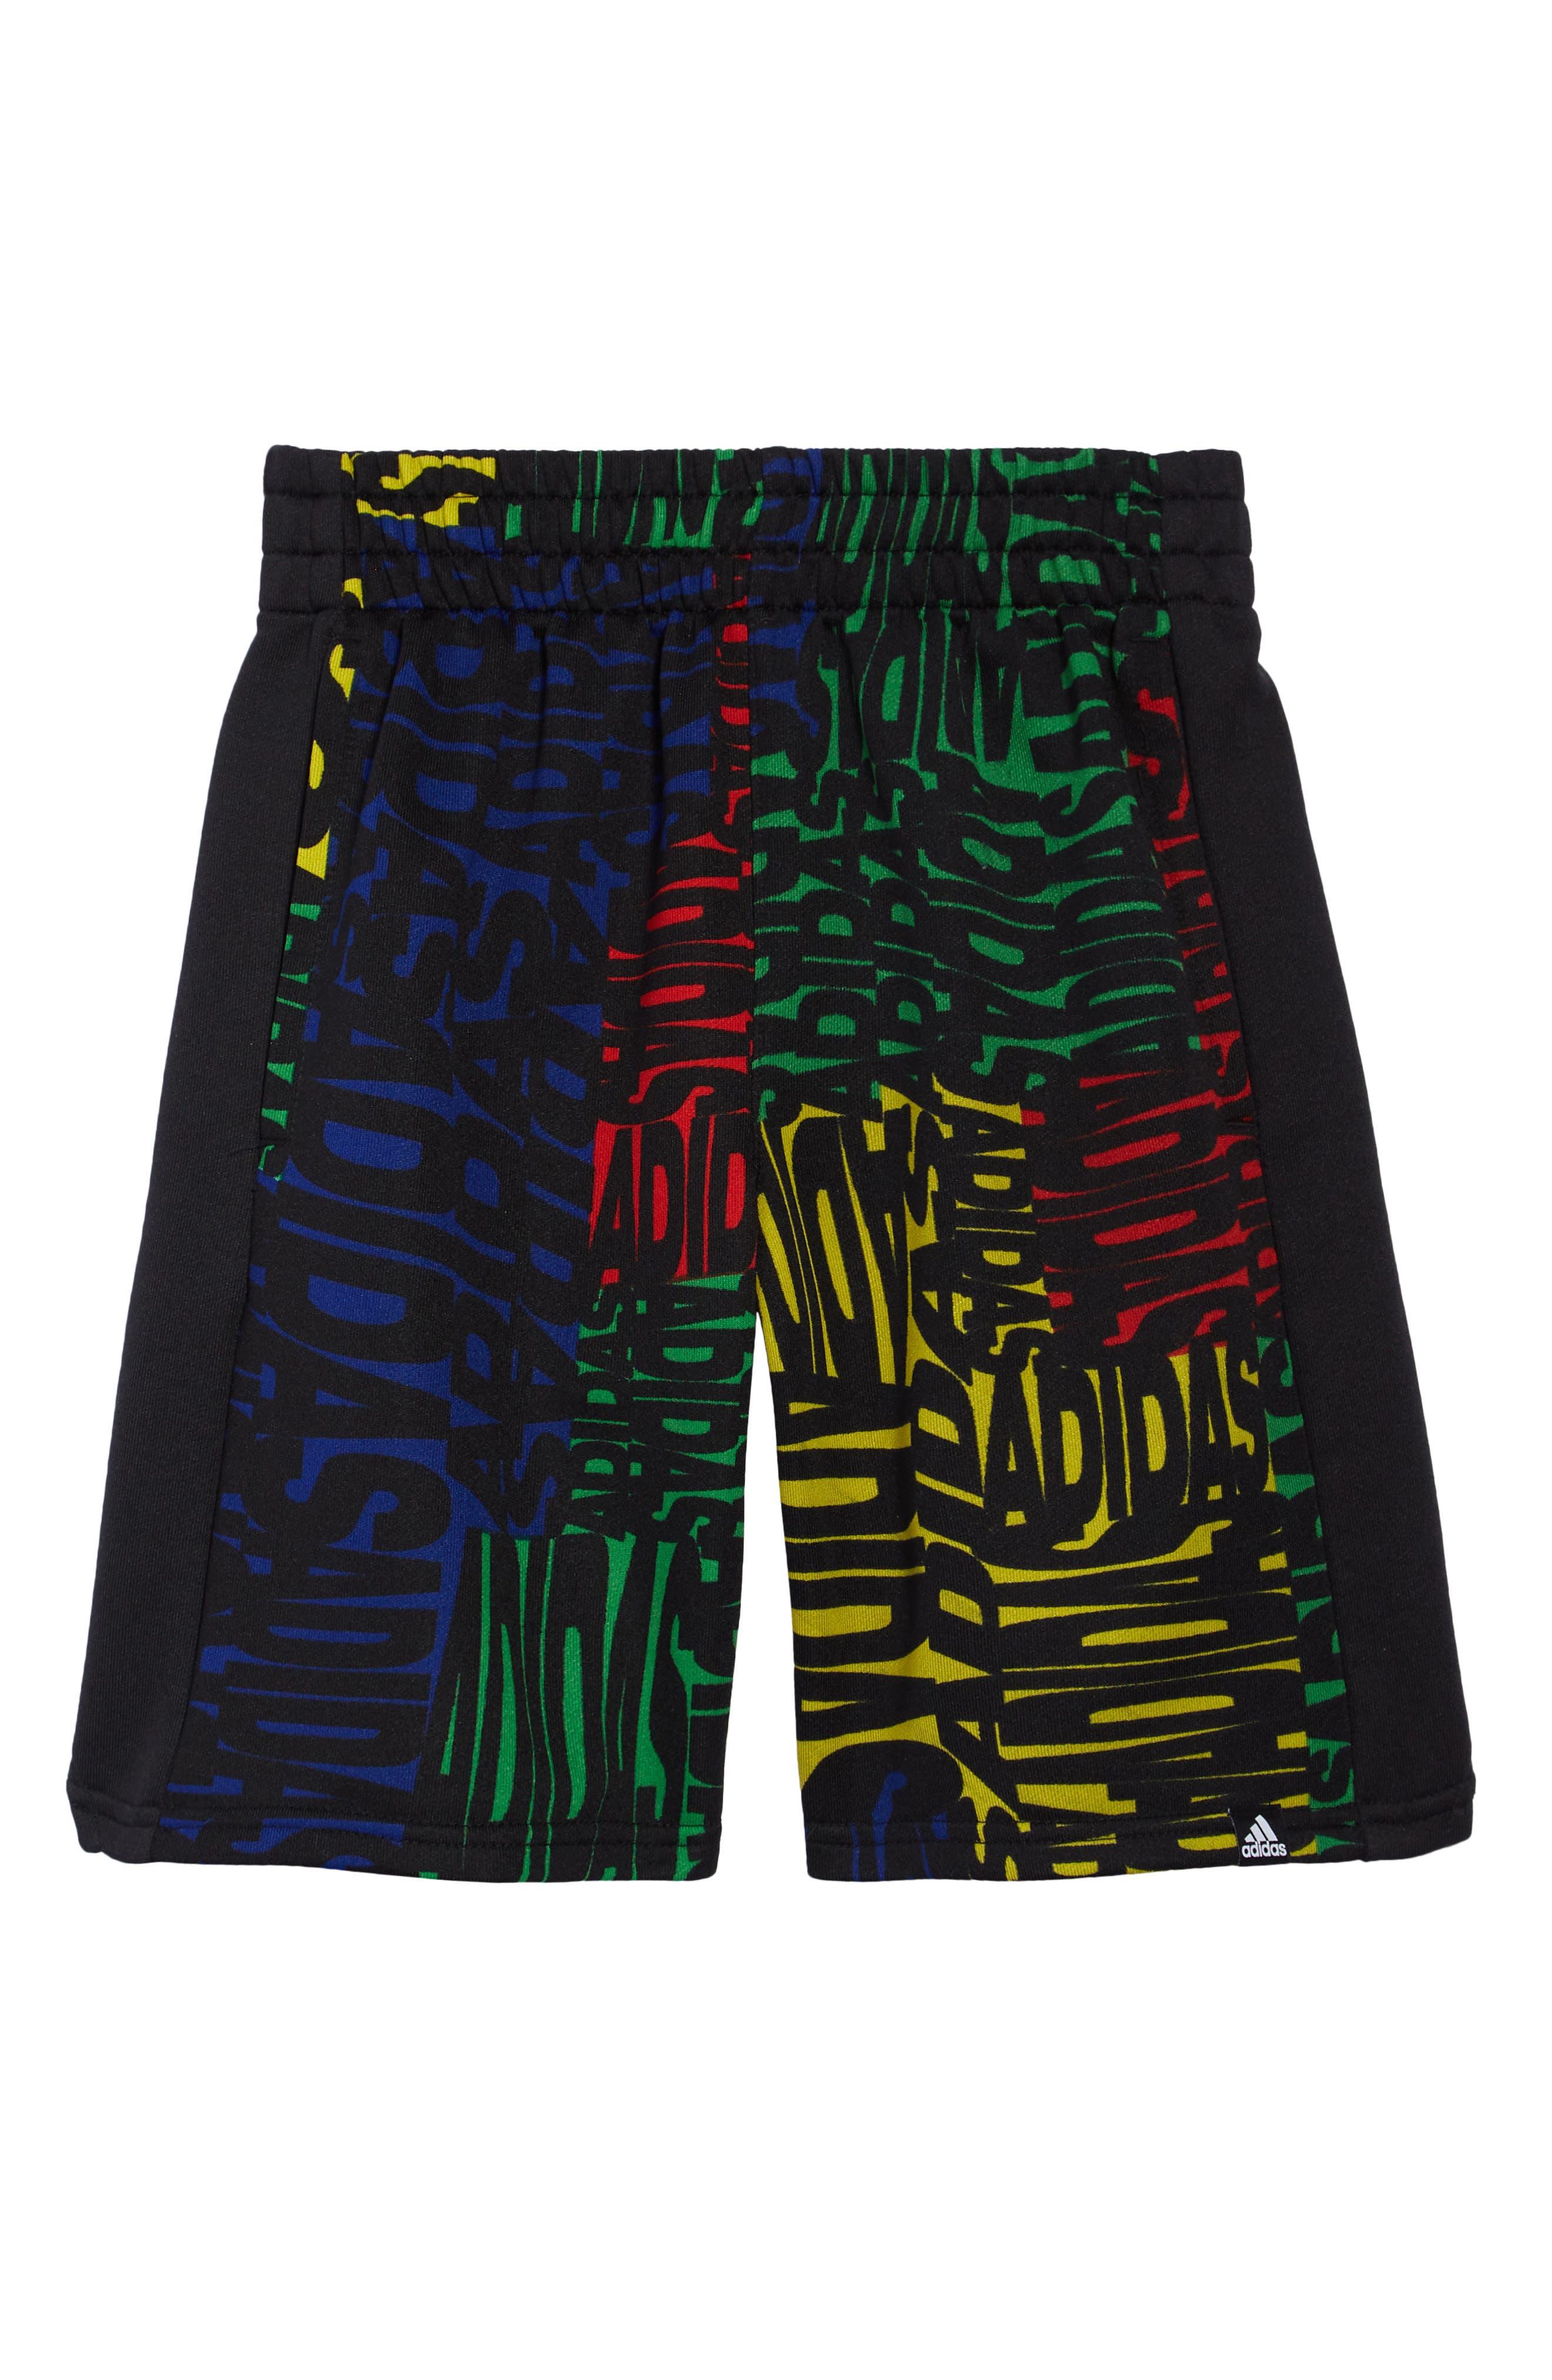 Unisex Shark Shorts Popular Drawstring boy Sports Shorts